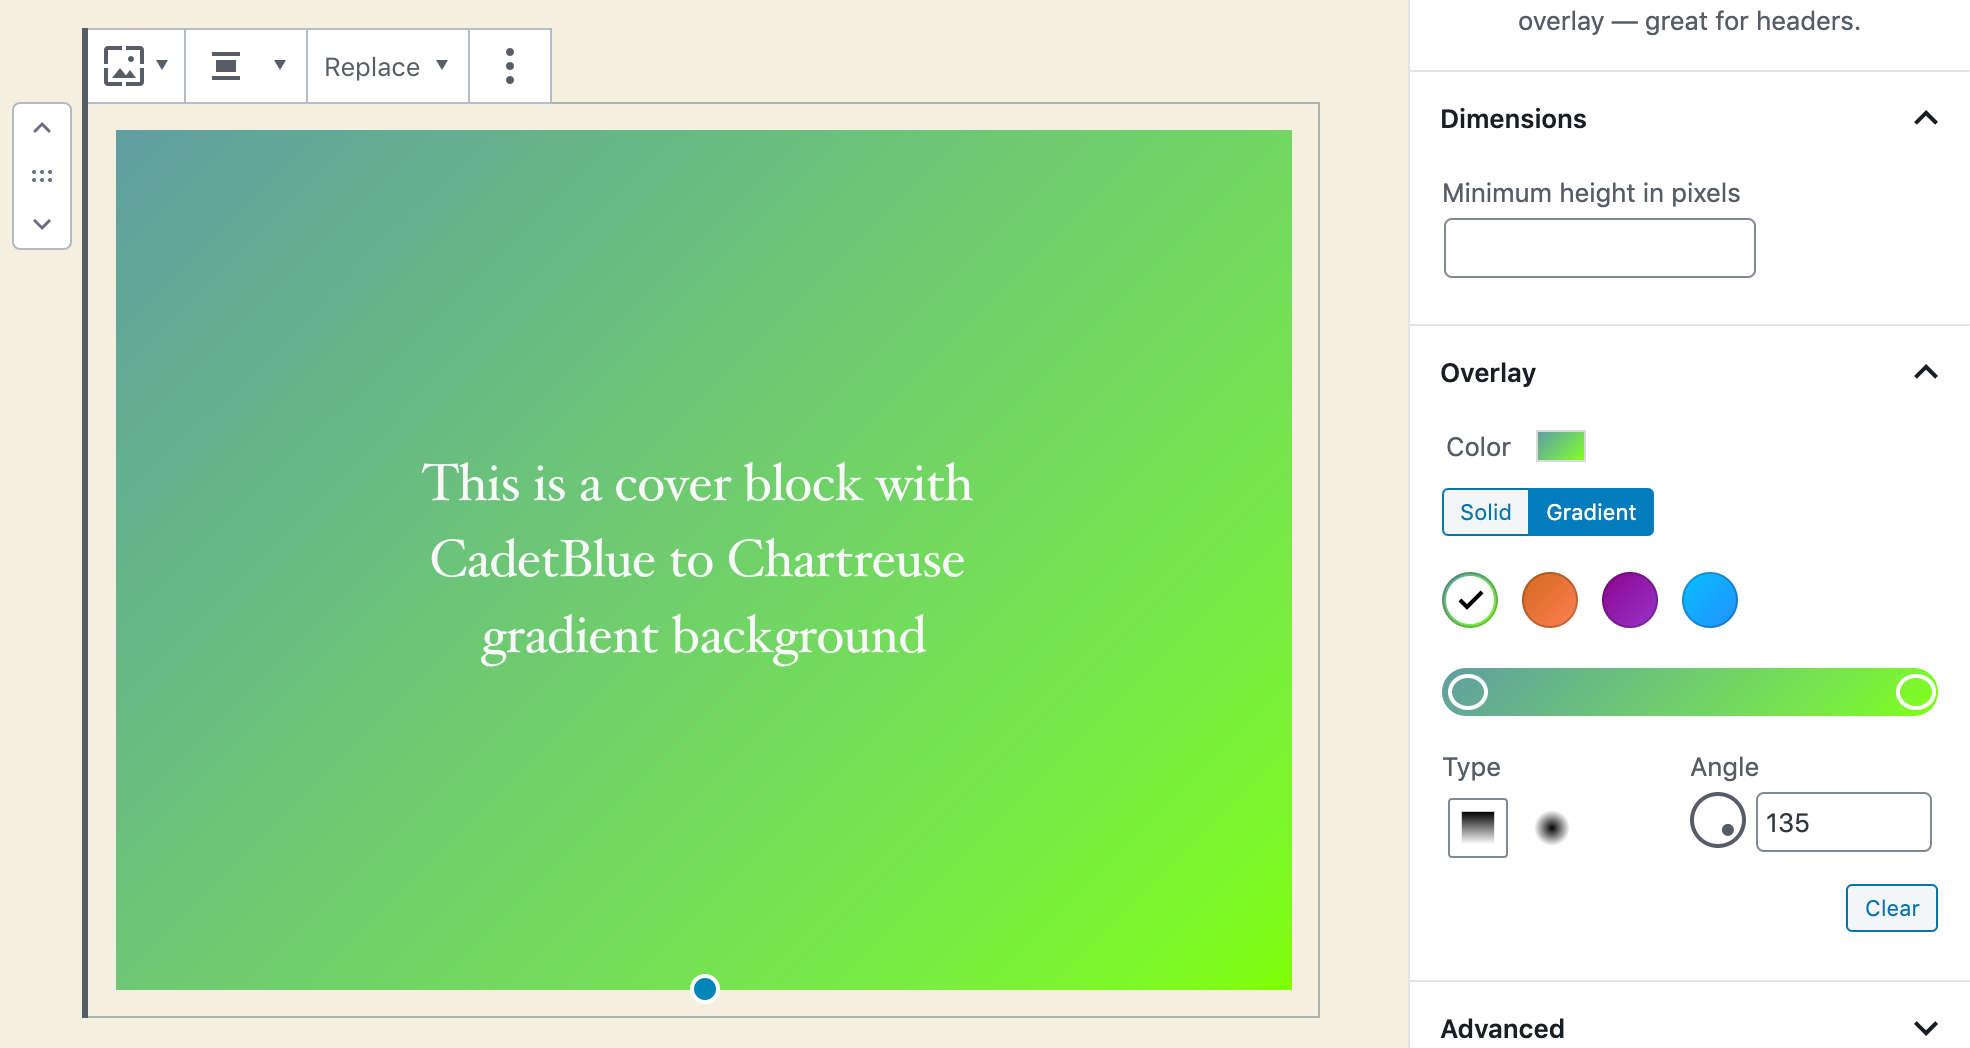 Benutzerdefinierte Voreinstellungen für Farbverläufe in WordPress 5.4